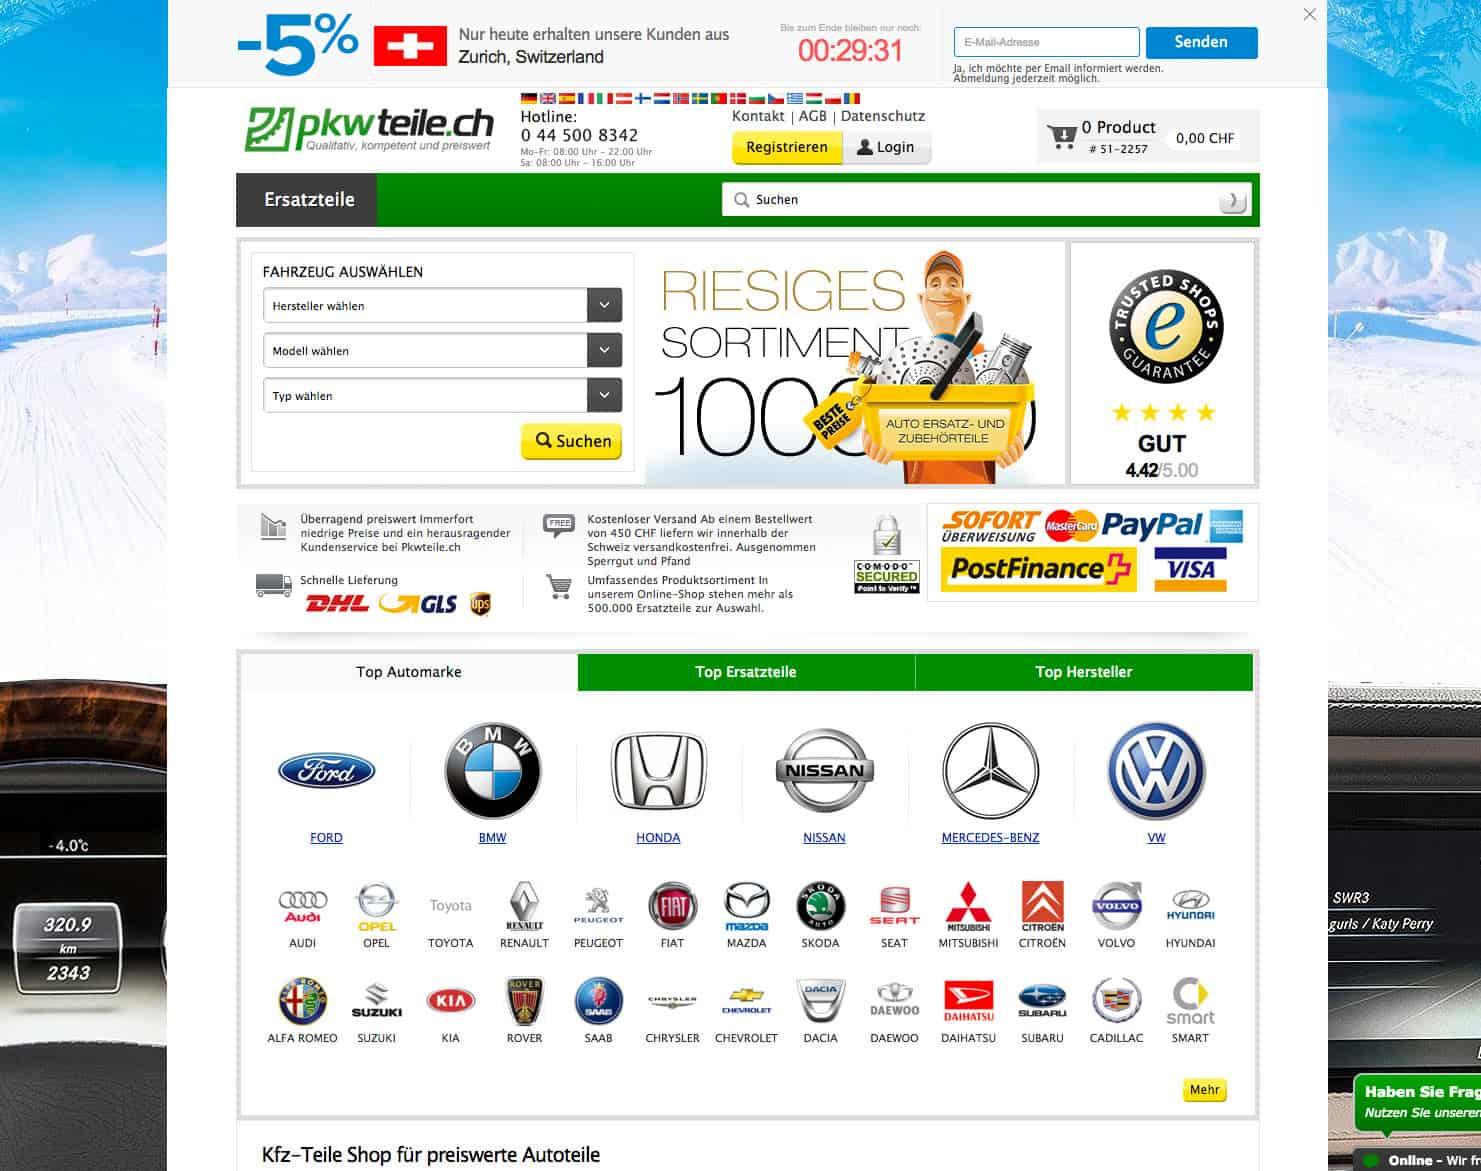 screenshot pkwteile ecommerce online shop schweiz startseite - Achtung Abzocke beim eCommerce